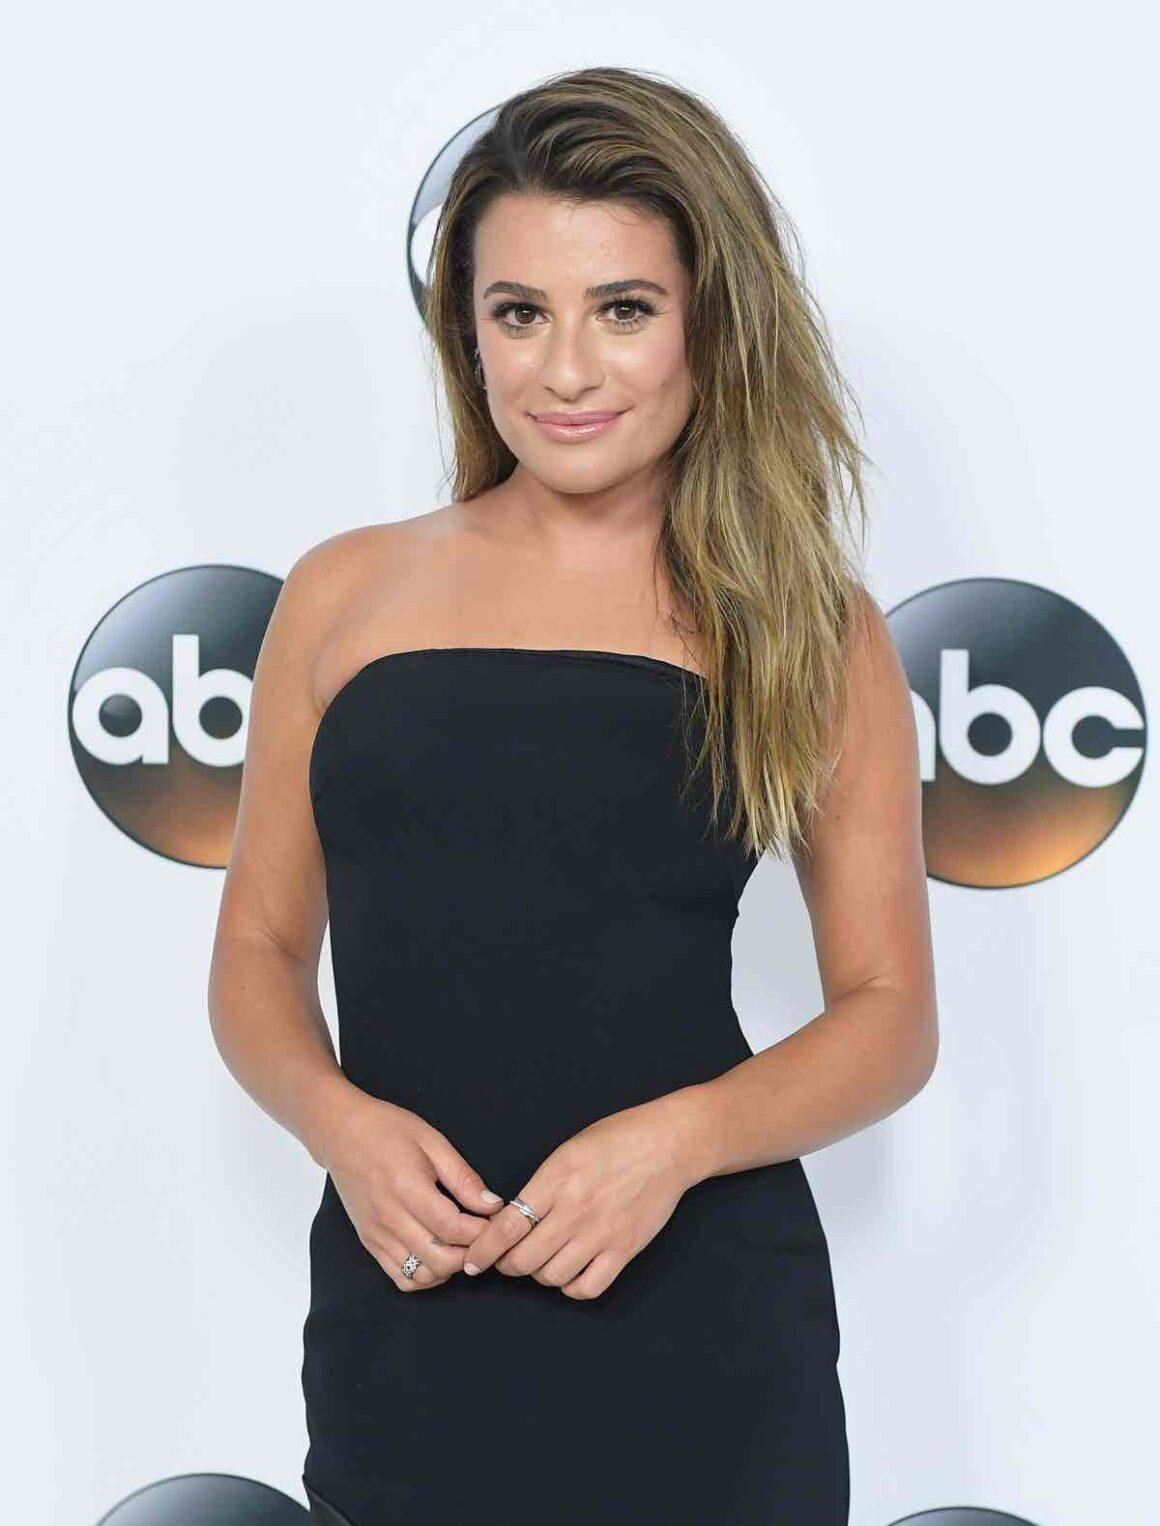 Lea Michele 2017 Summer TCA Tour - Disney ABC Television Group - Arrivals